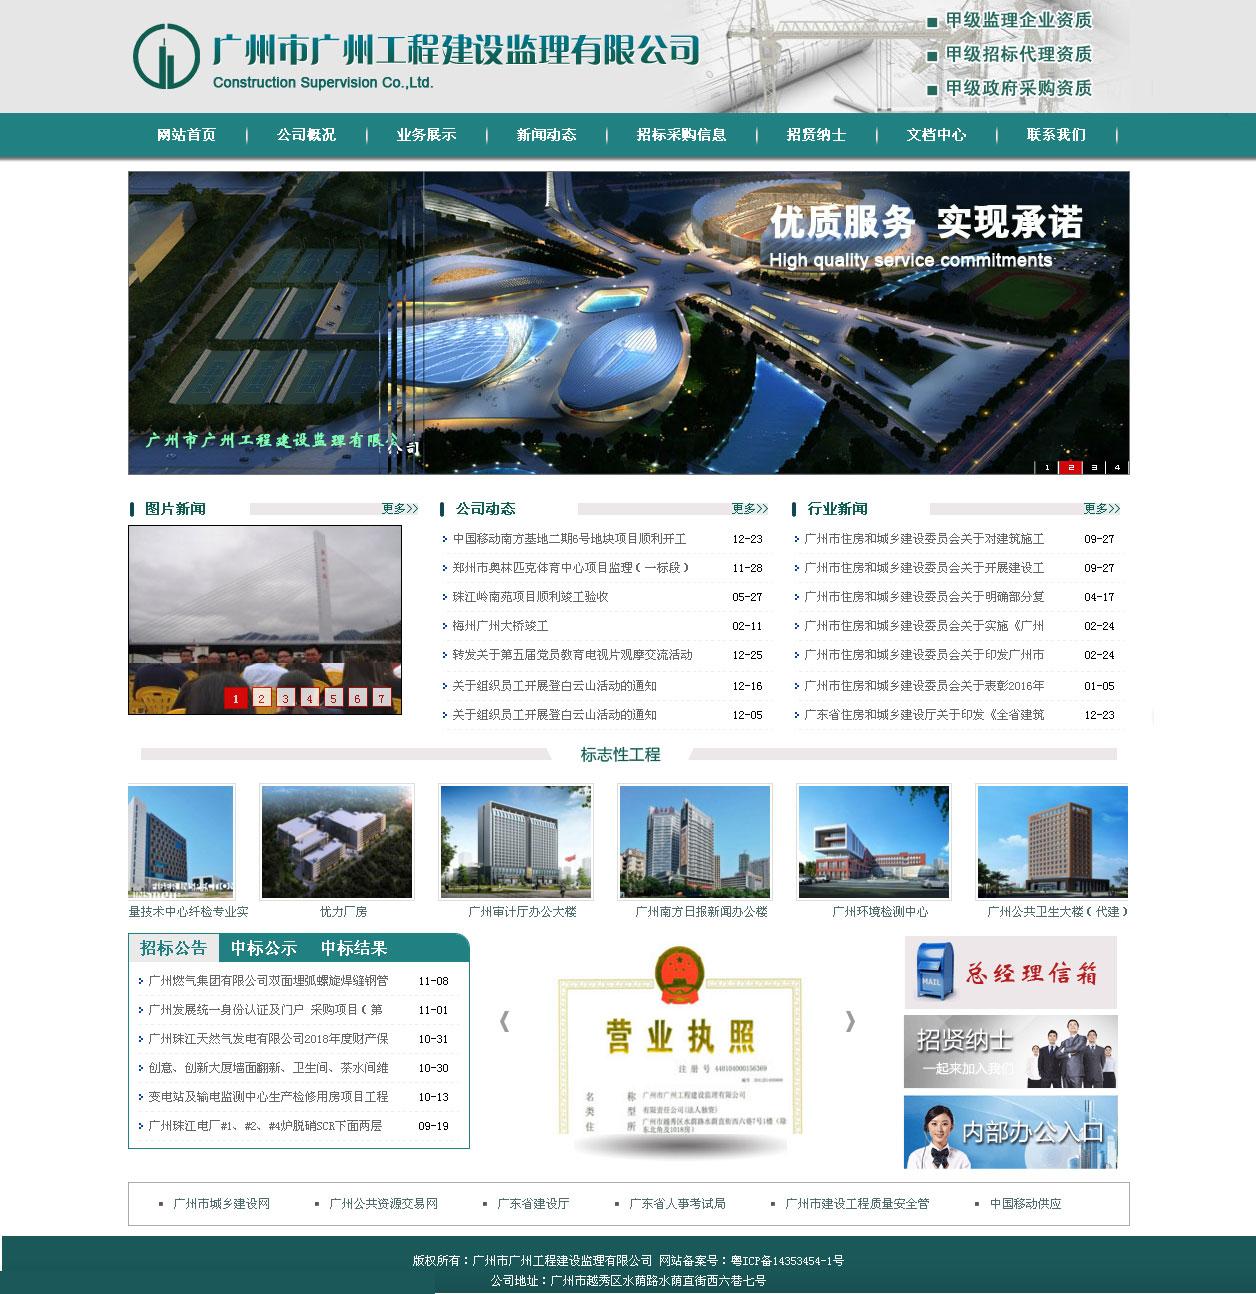 广州建设监理有限公司365e世博建设项目